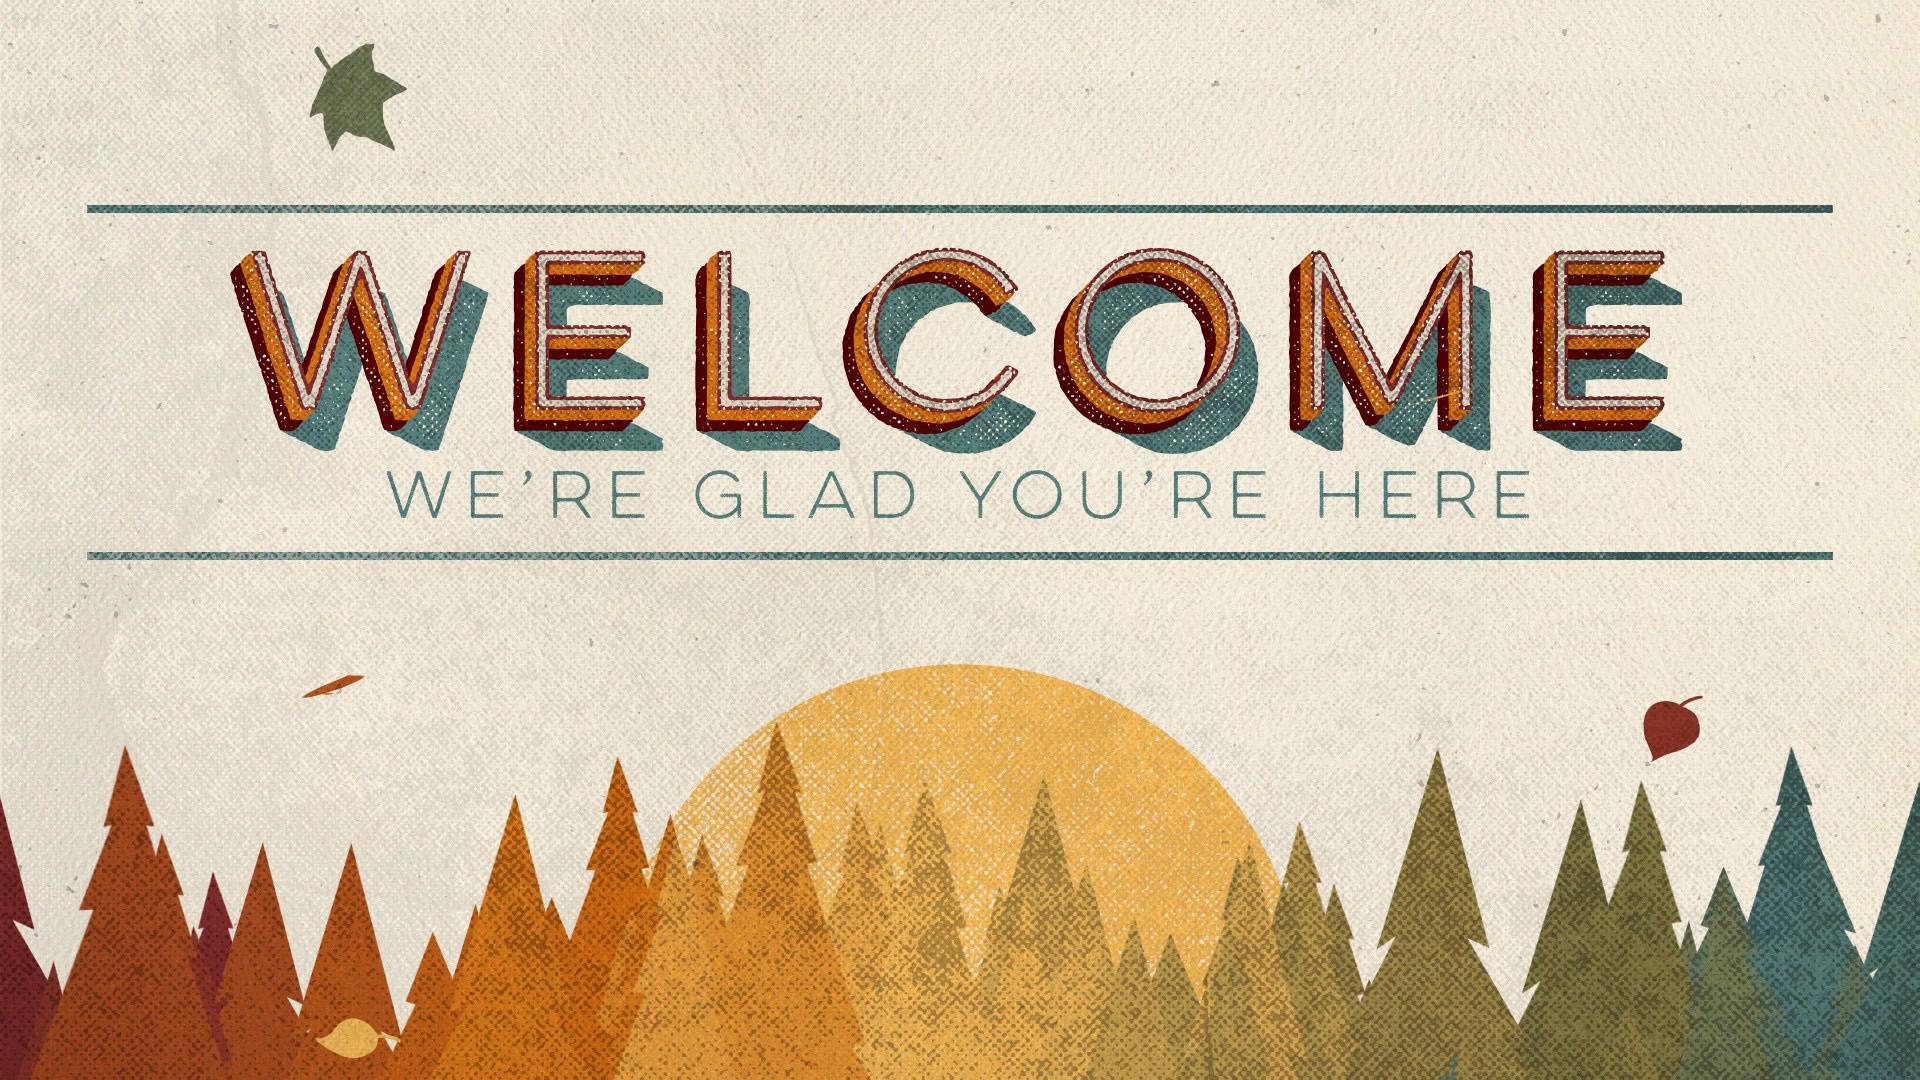 Hình ảnh slide mở đầu chào mừng cực đẹp